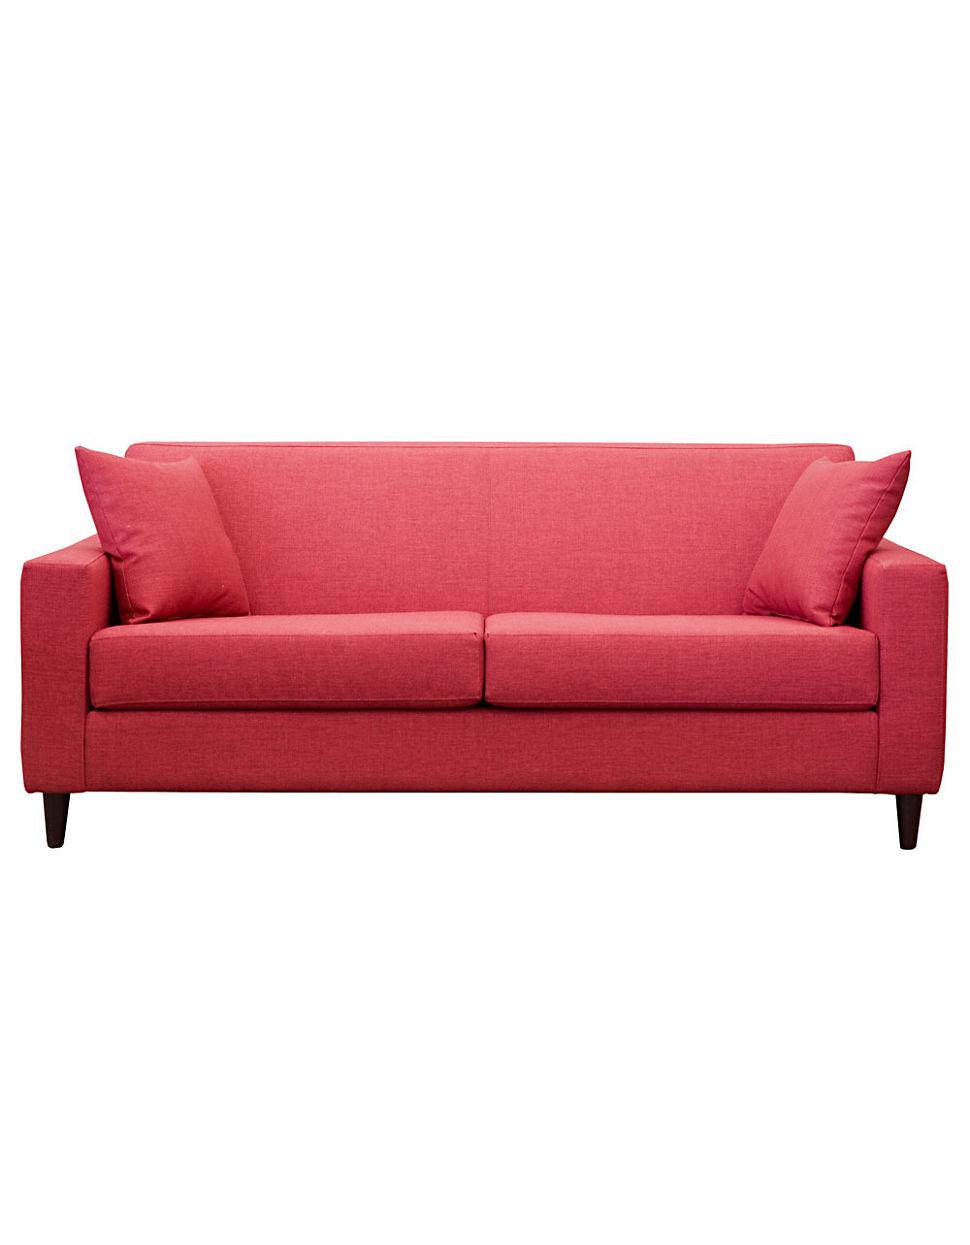 martini condo sofa  hudson's bay -